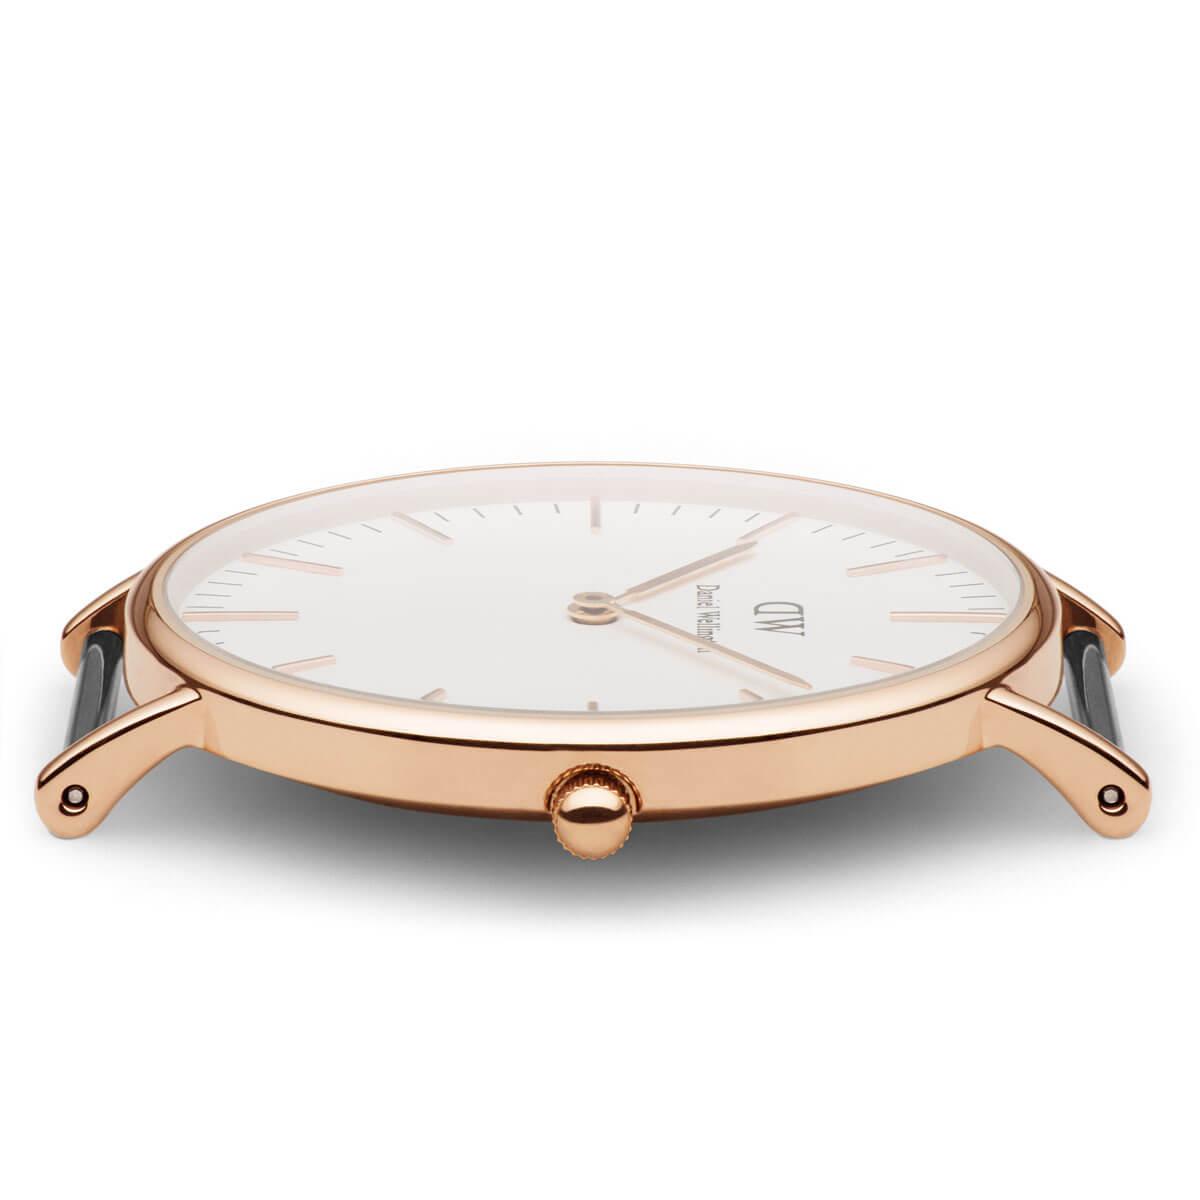 ダニエルウェリントン 36mm Daniel Wellington ブリストル ローズ メンズ レディース 腕時計